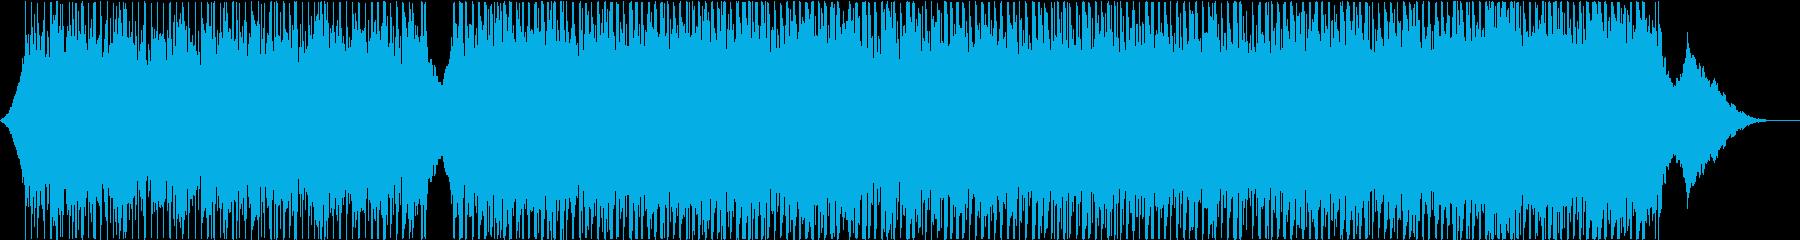 コーポレート、インスピレーションの再生済みの波形